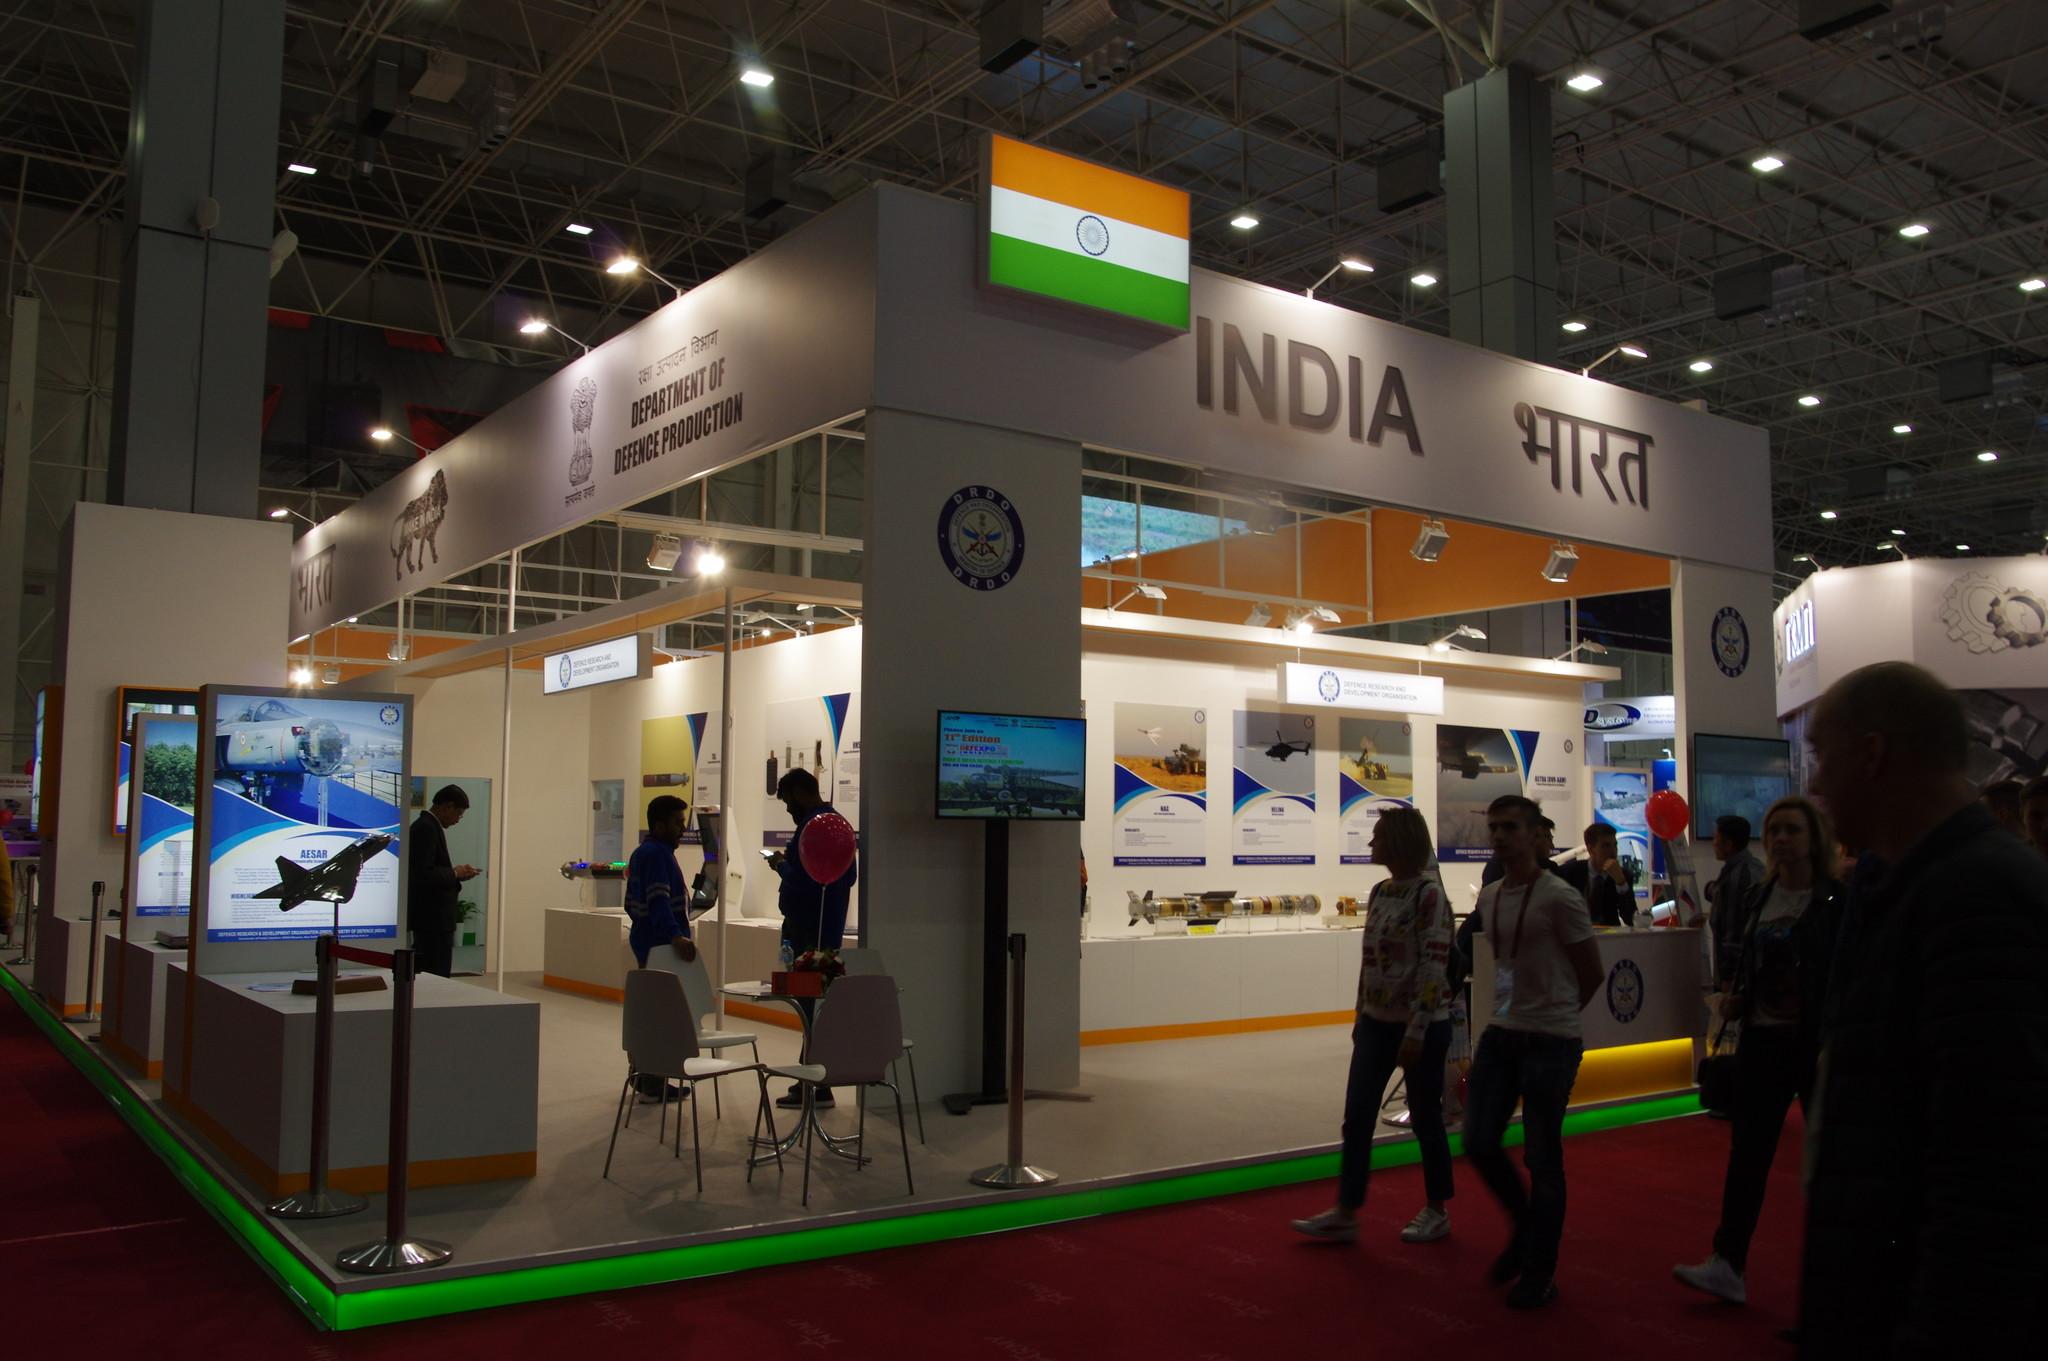 Стенд Индии в Конгрессно-выставочном центре «Патриот»